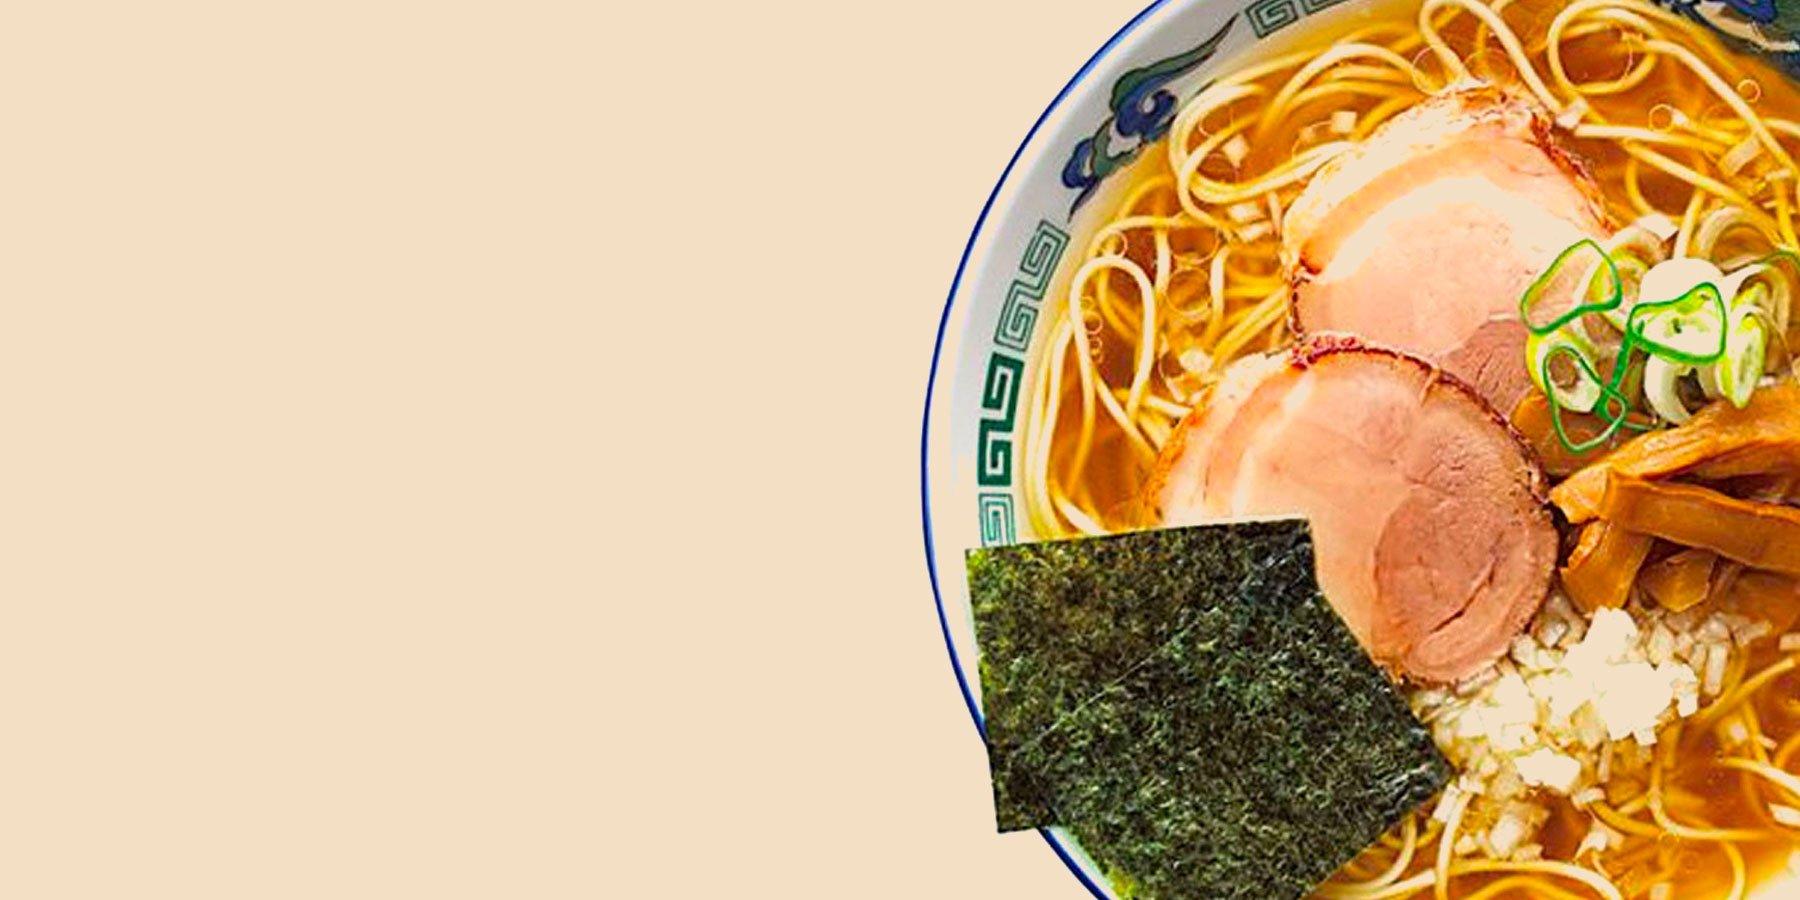 Top 5 Instant Ramen in Japan